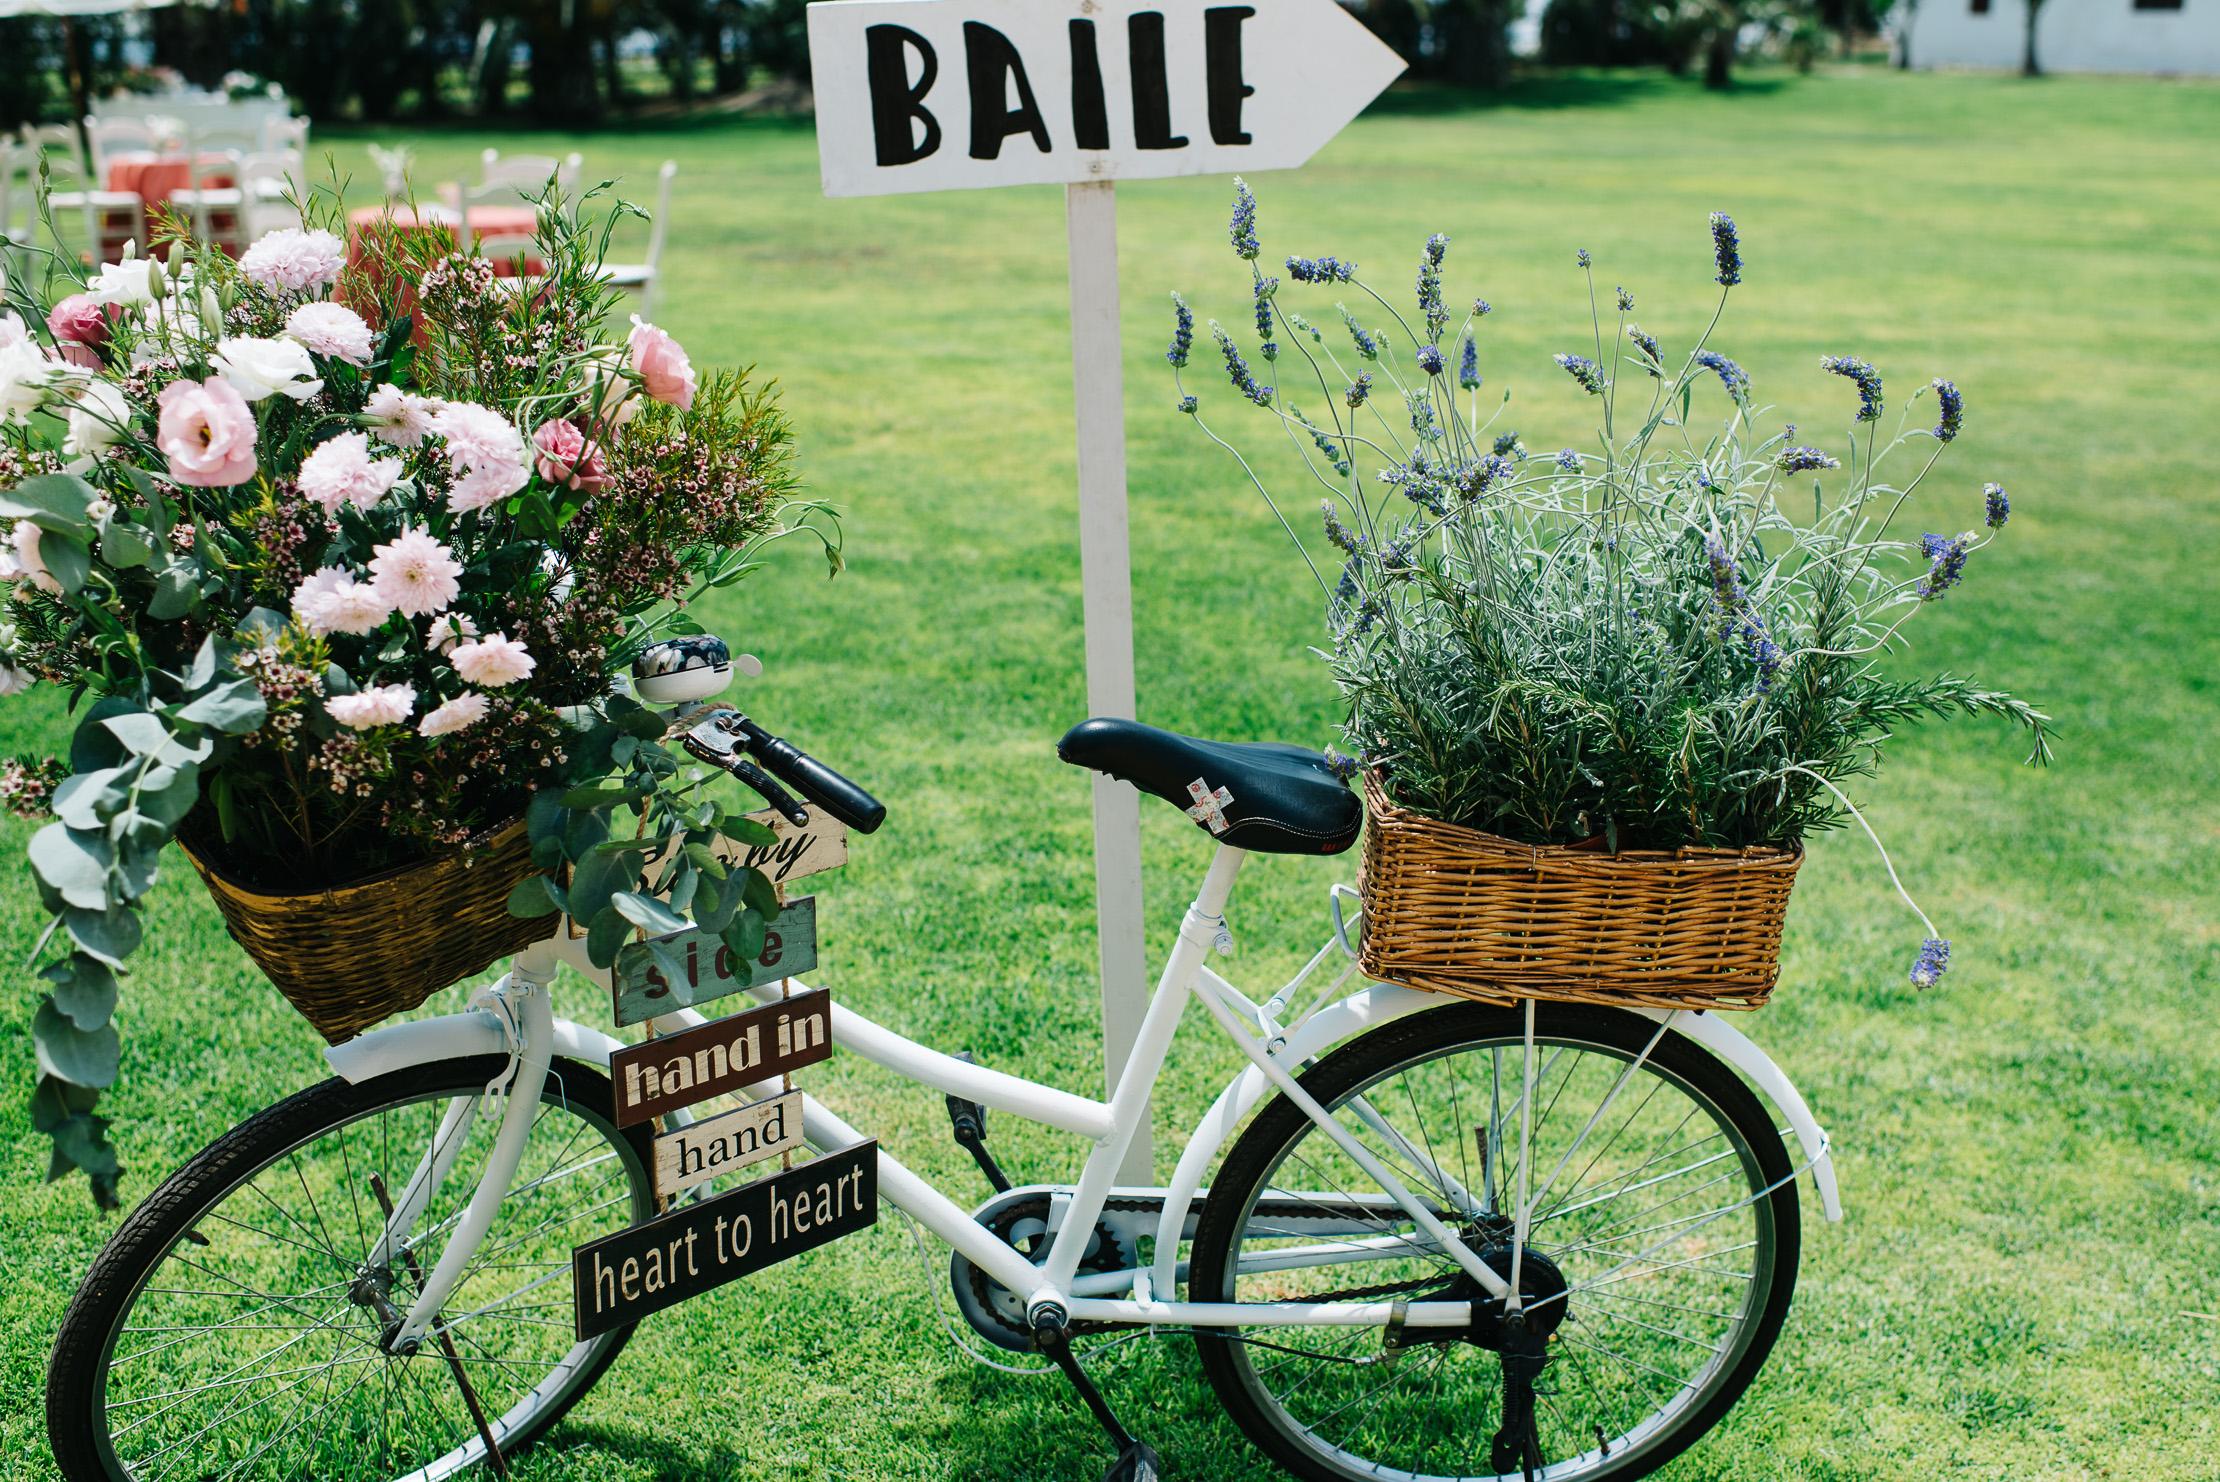 Bicicleta con indicaciones boda - Boda Inma & Ronan en Dehesa Bolaños